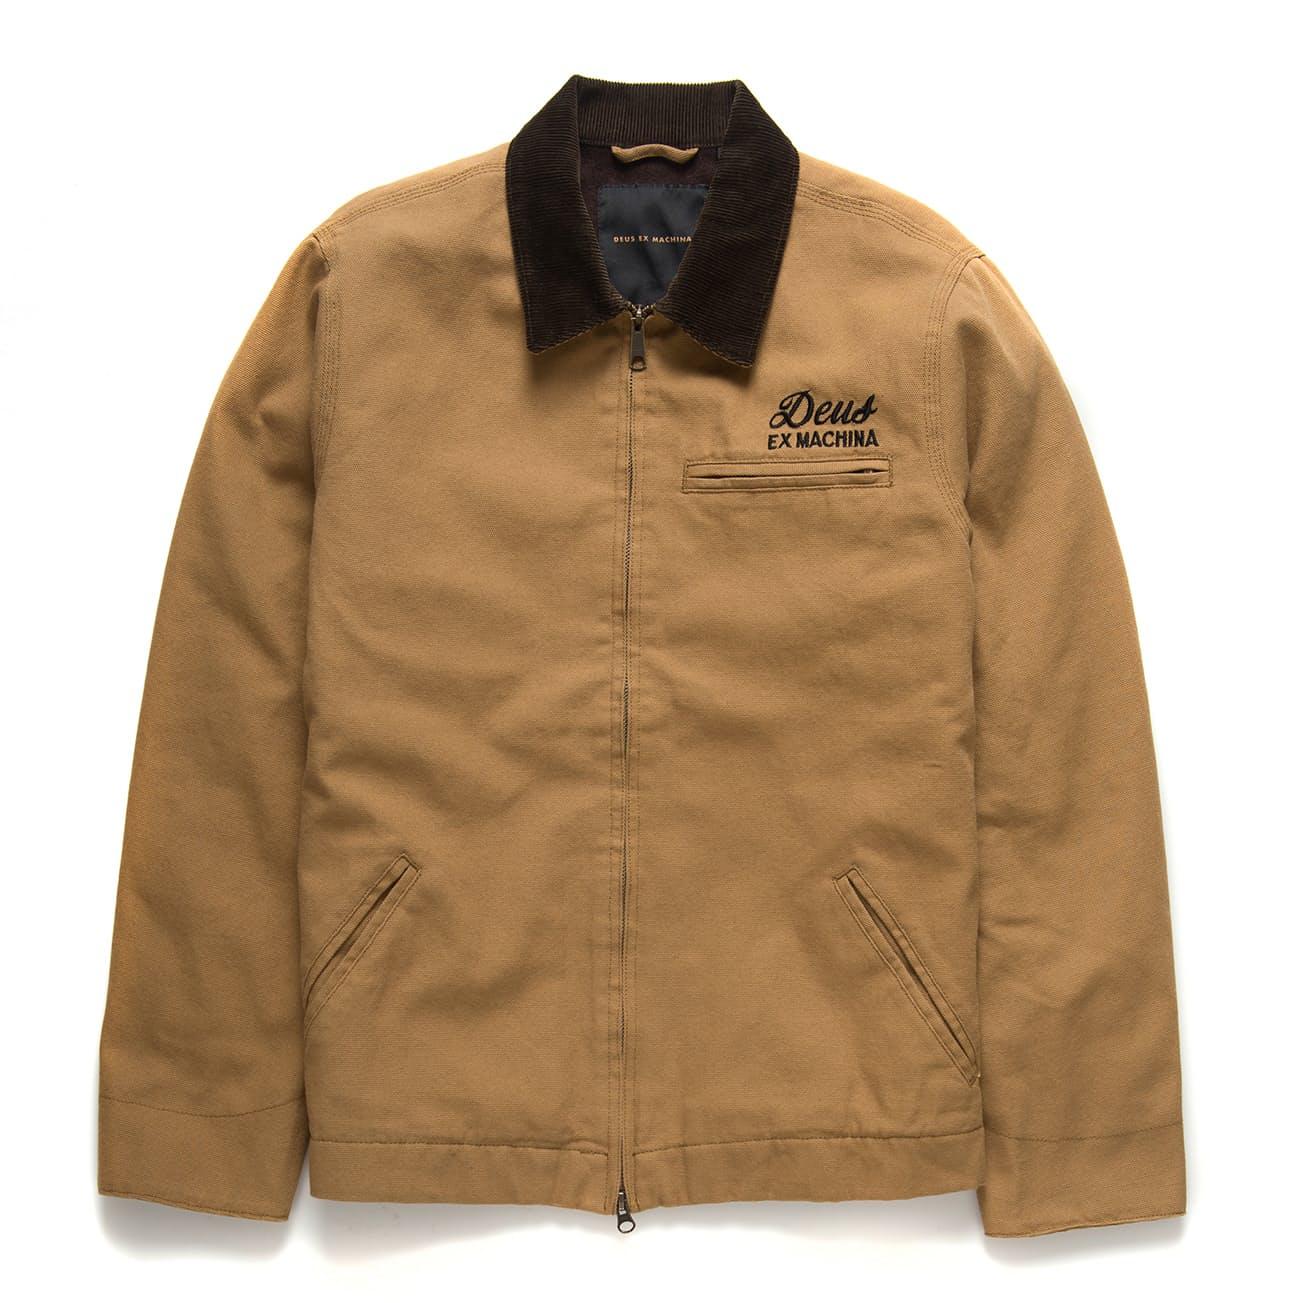 Krqqiiiwic deus ex machina address workwear jacket 0 original